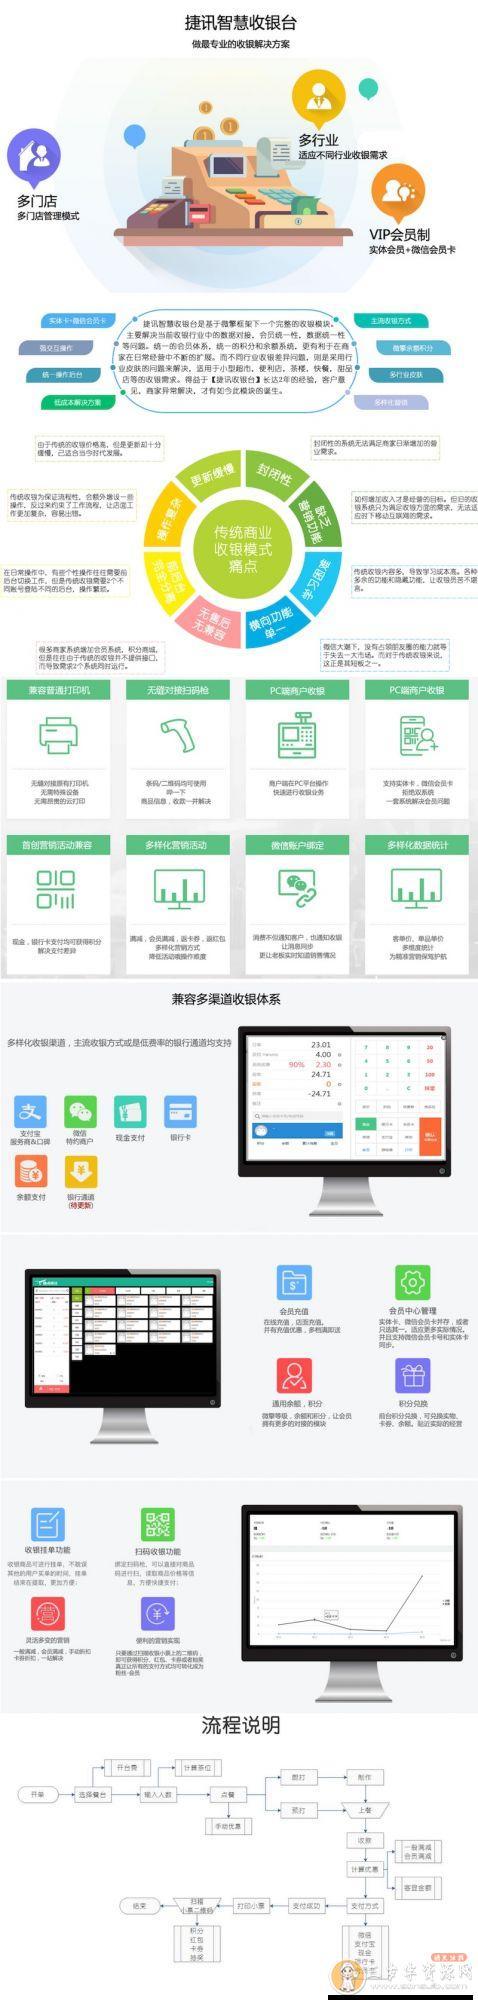 捷讯高级收银台4.7.8 高级版 正版打包 微信功能模块